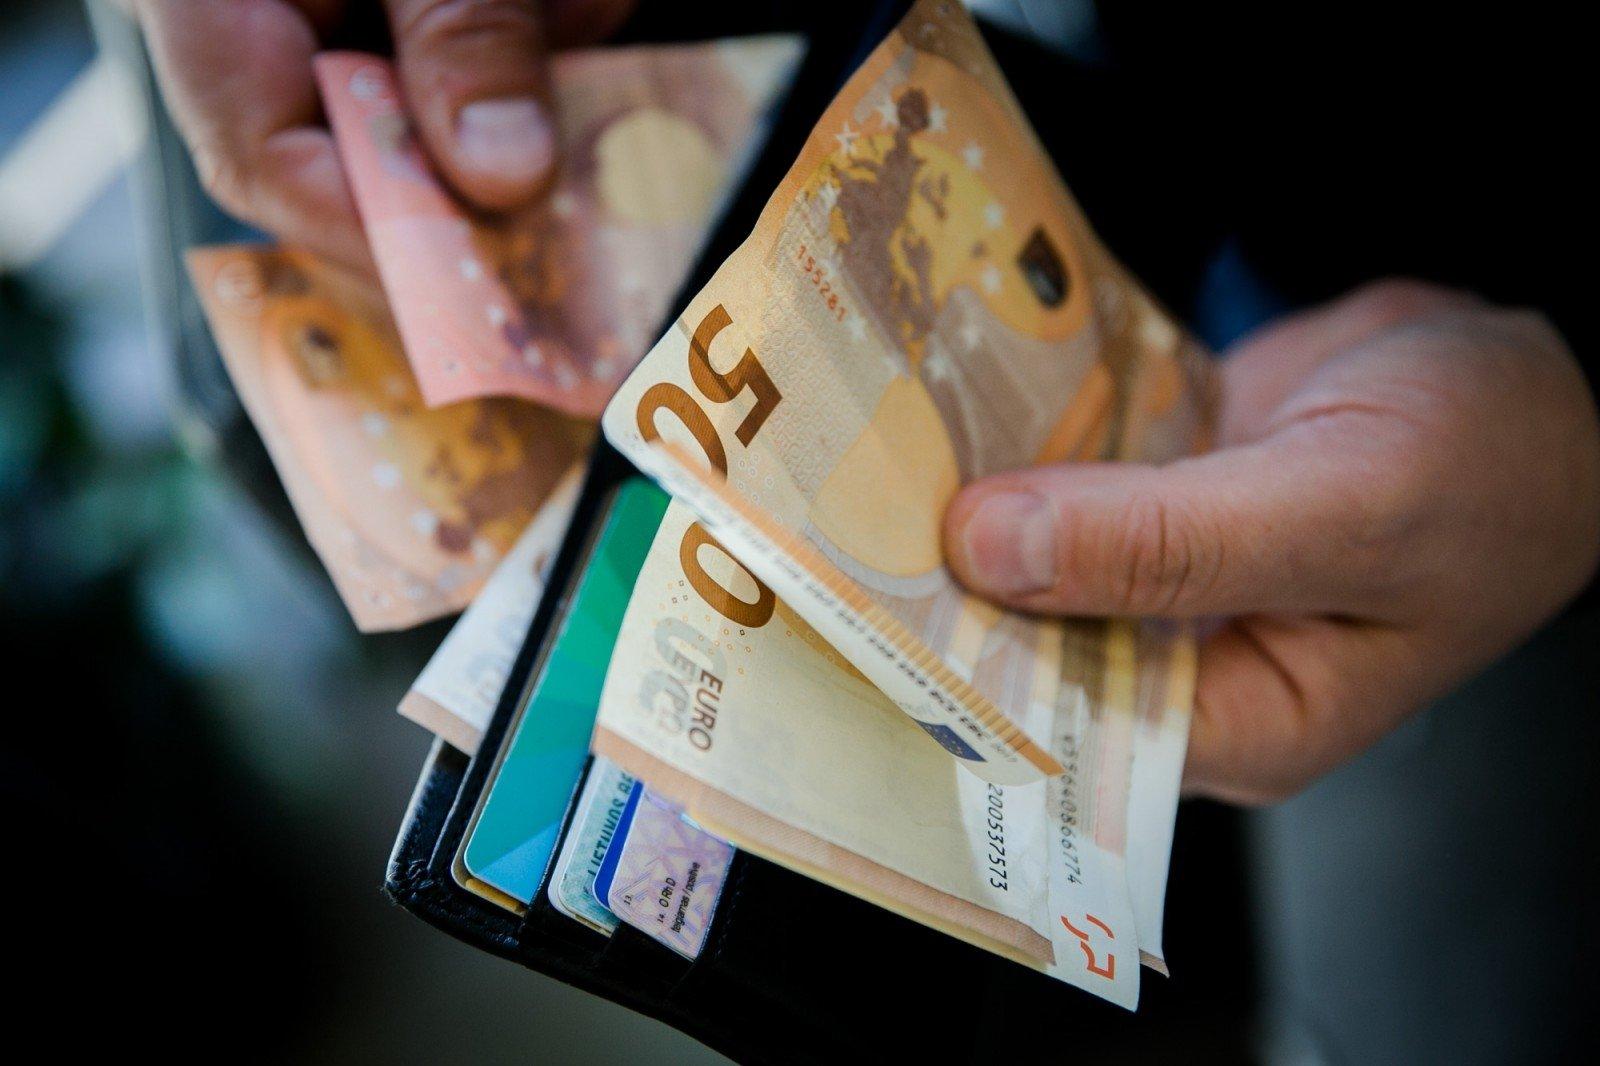 Kaip užsidirbti pinigų, Uždirbti daug pinigų yra lengva